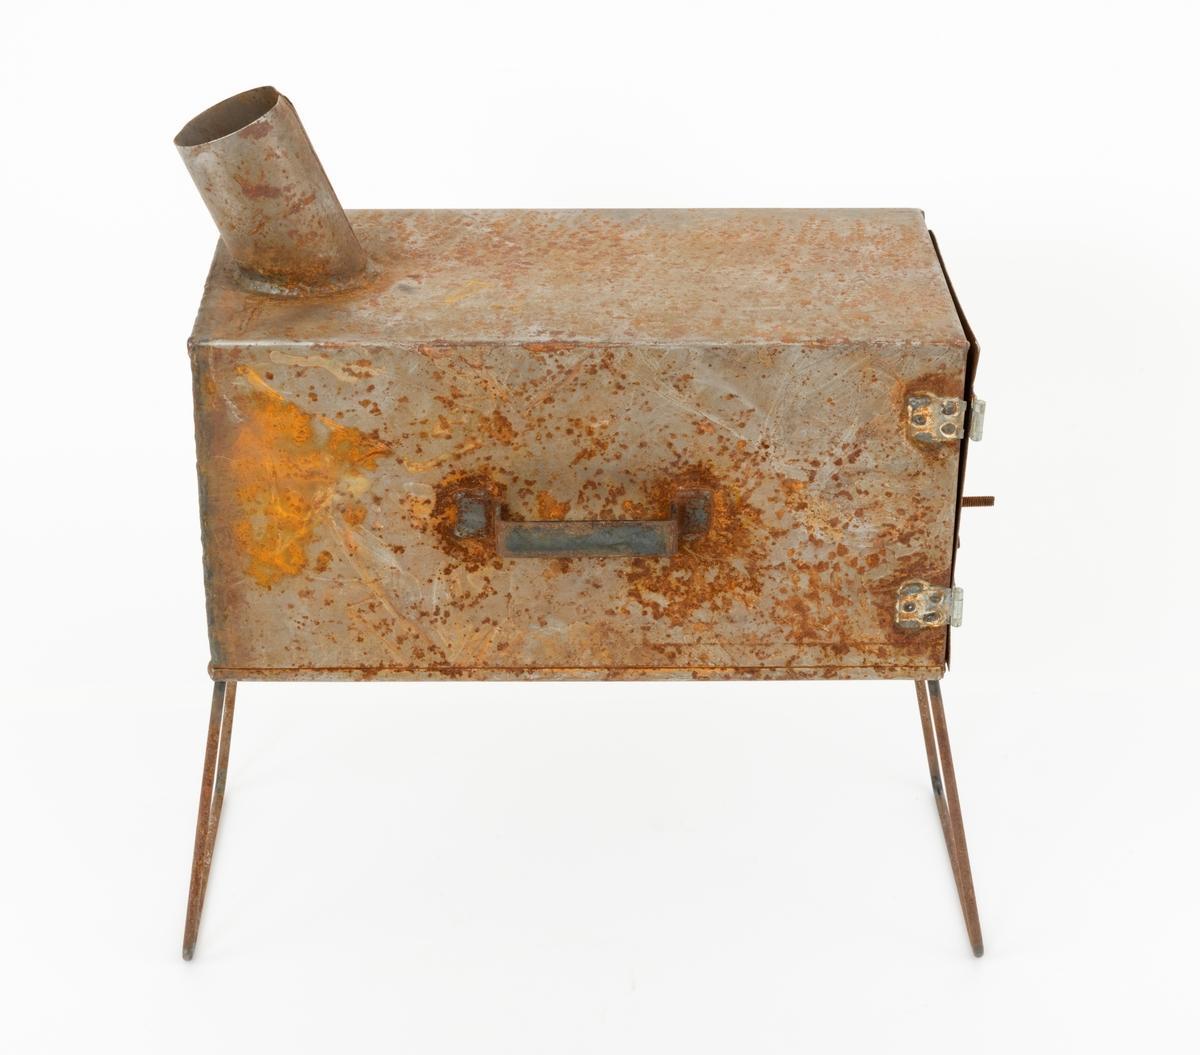 Rektangulær ovn, lagd for bruk i små hviletelt som ble markedsført for skogbruket, der det ble arbeidet i all slags vær og ofte på steder der det ikke var noe husrom å gå inn i når en skulle kvile og spise medbragt matpakke. Ovnen er lagd som en rektangulær beholder - 48,5 centimeter langt, 24 centimeter bred og 24 centimter høy - av falset jernblikk. I den ene tverreden er det påhengslet ei dør, som også er lagd av jernblikk. Den er festet ved hjekp av to gangjern, som dels er naglet, dels punktsveiset til blikket. På forsida av dørbladet er det ei sirkelrund trekkregulerende luke (diameter 7,7 centimeter). Den er lagd av støpejern og festet til en gjenget sentralakse. Ved dørbladets ytterkant er det pånaglet et bandjern, som kunne smøyes inn bak et bandjern som var sveiset fast til «dørkarmen» når brennkammeret skulle stenges. På undersida av ovnen, ved ytterendene, er det festet utfellbare rammer (22.5 X 24 centimeter), lagd av 8 millimeters rundjern. Disse skulle fungere som bein under ovnen. På ei av sideflatene er det påsveiset et handtak, lagd av tommebredt bandjern, som ovnen skulle løftes i når den ble flyttet fra et brukssted til et annet. Bakerst på oversida av ovnen stikker det ut et noe bakoverskrånende cirka 11,5 centimeter langt blikkrør med diameter på snaut 8 centimeter. på dette skulle det antakelig tres en forlengelse, et avløpsrør som førte ovensrøyken ut av teltet.